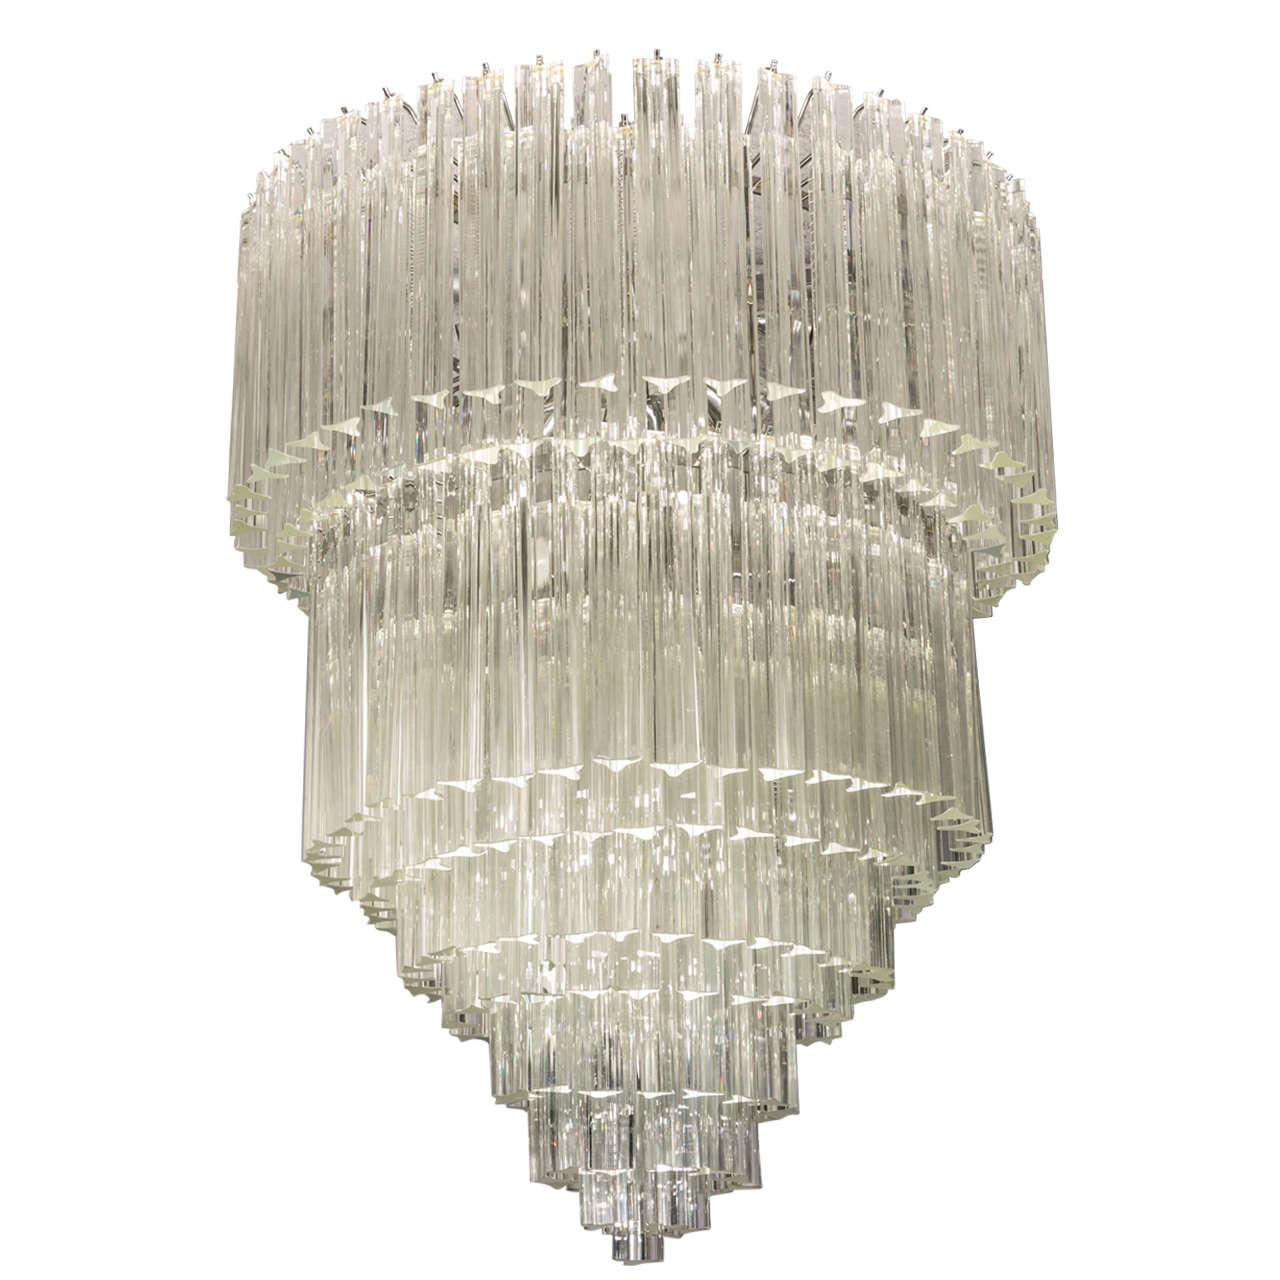 Murano venini chandelier at 1stdibs murano venini chandelier for sale arubaitofo Gallery